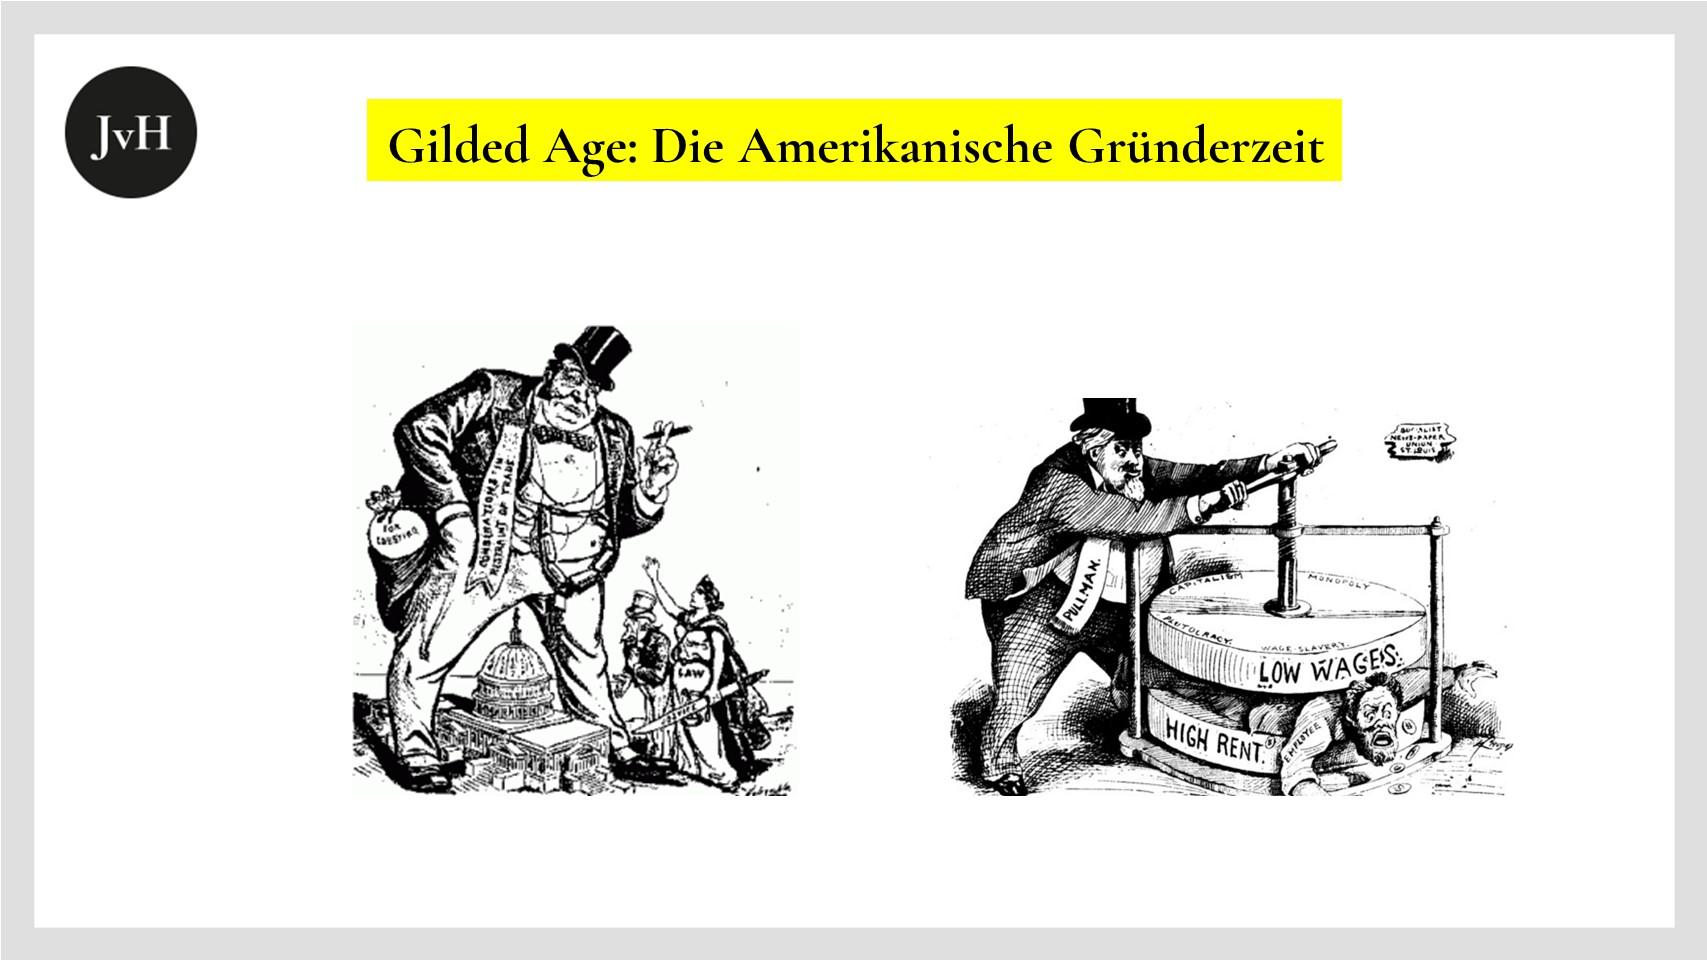 Soziale Herausforderungen der Gilded Age